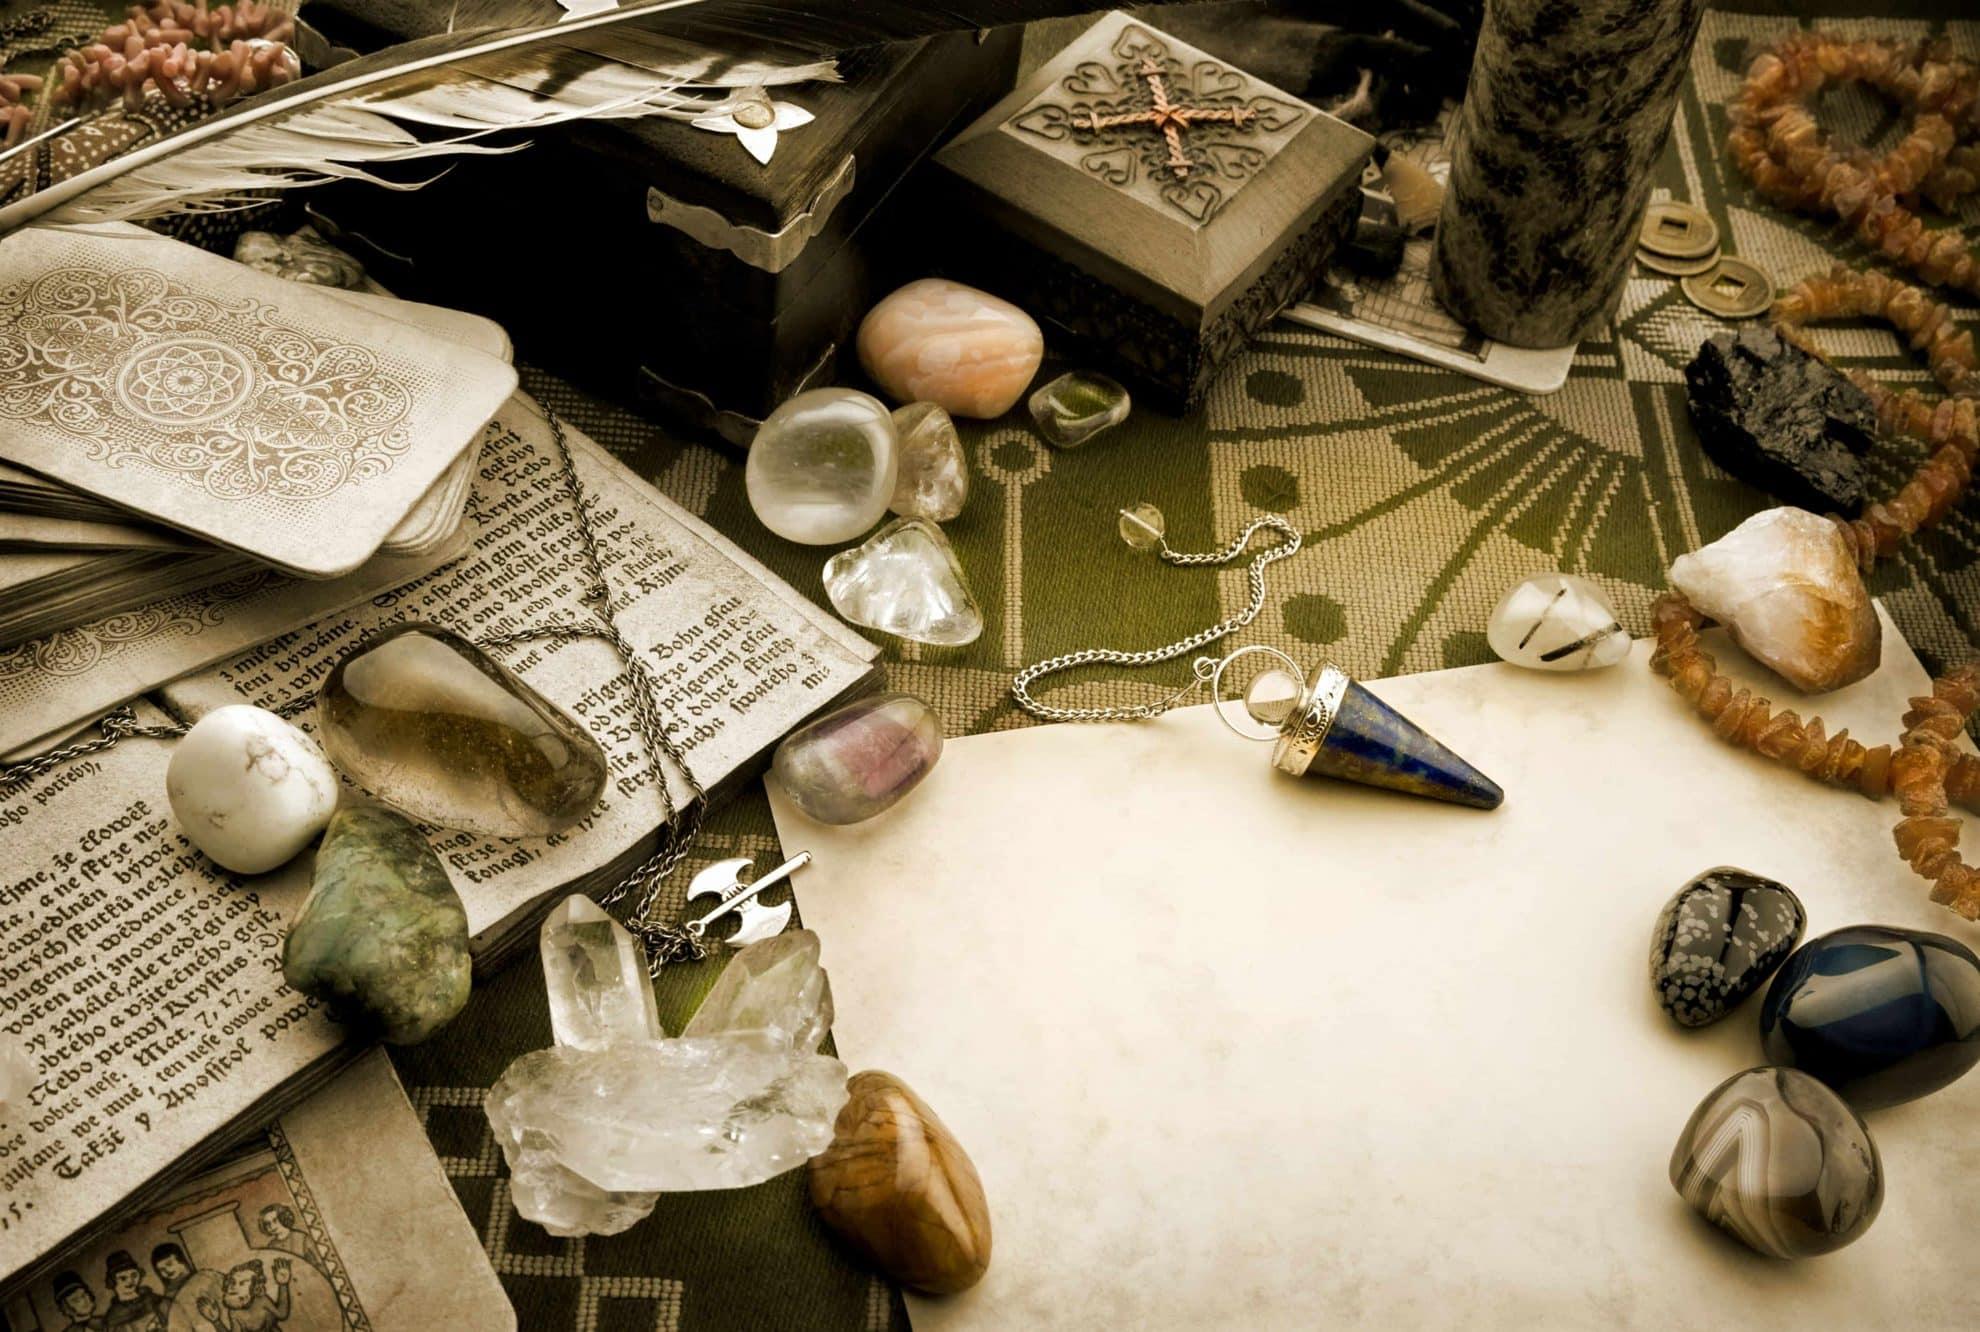 talismani, amajlije, srećonoše, urok, uroci, zaštita od uroka